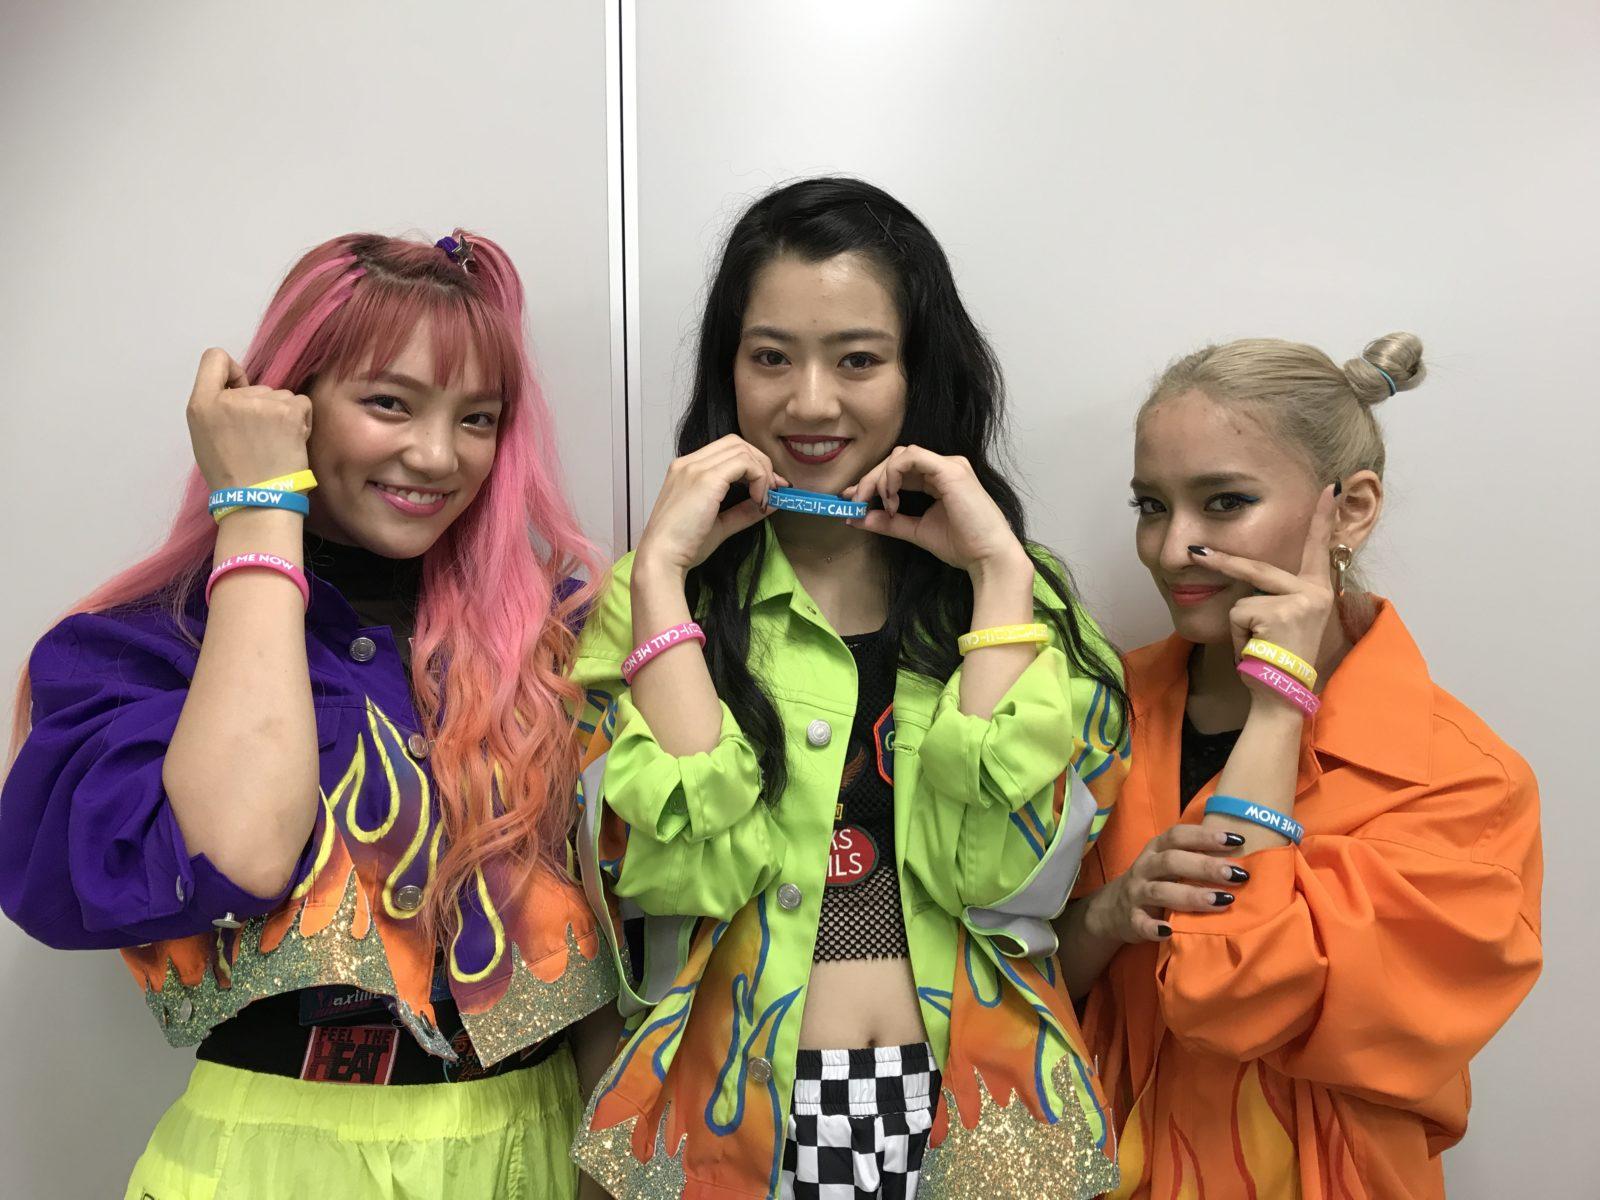 E-girlsメンバーで結成のHIP HOPユニット・スダンナユズユリーの巨大ビジュアルが原宿に出現サムネイル画像